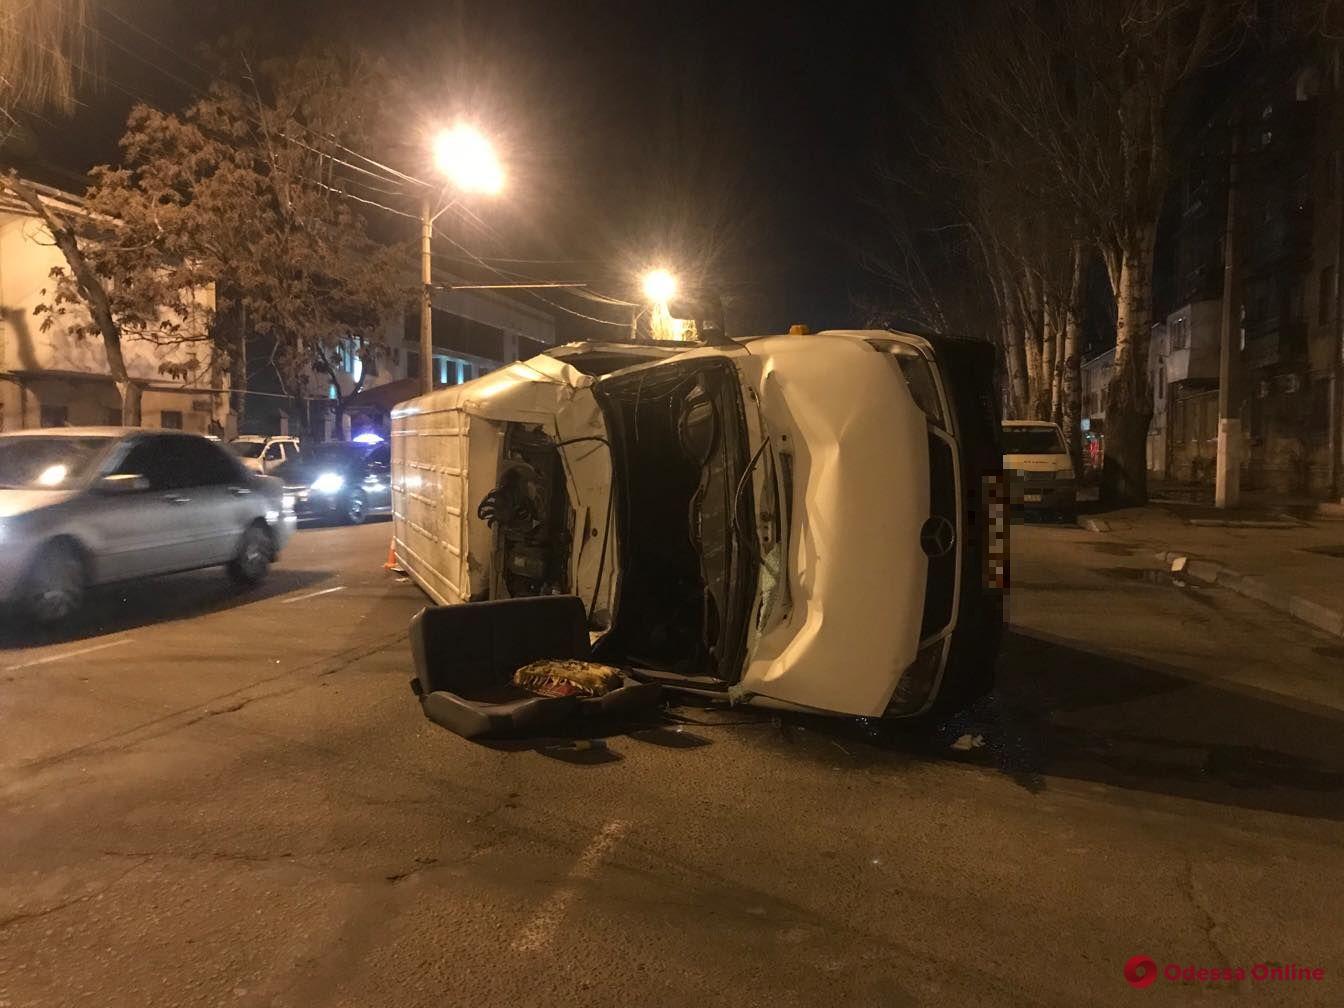 На Пересыпи столкнулись микроавтобус и две легковушки — есть пострадавшие (обновлено)